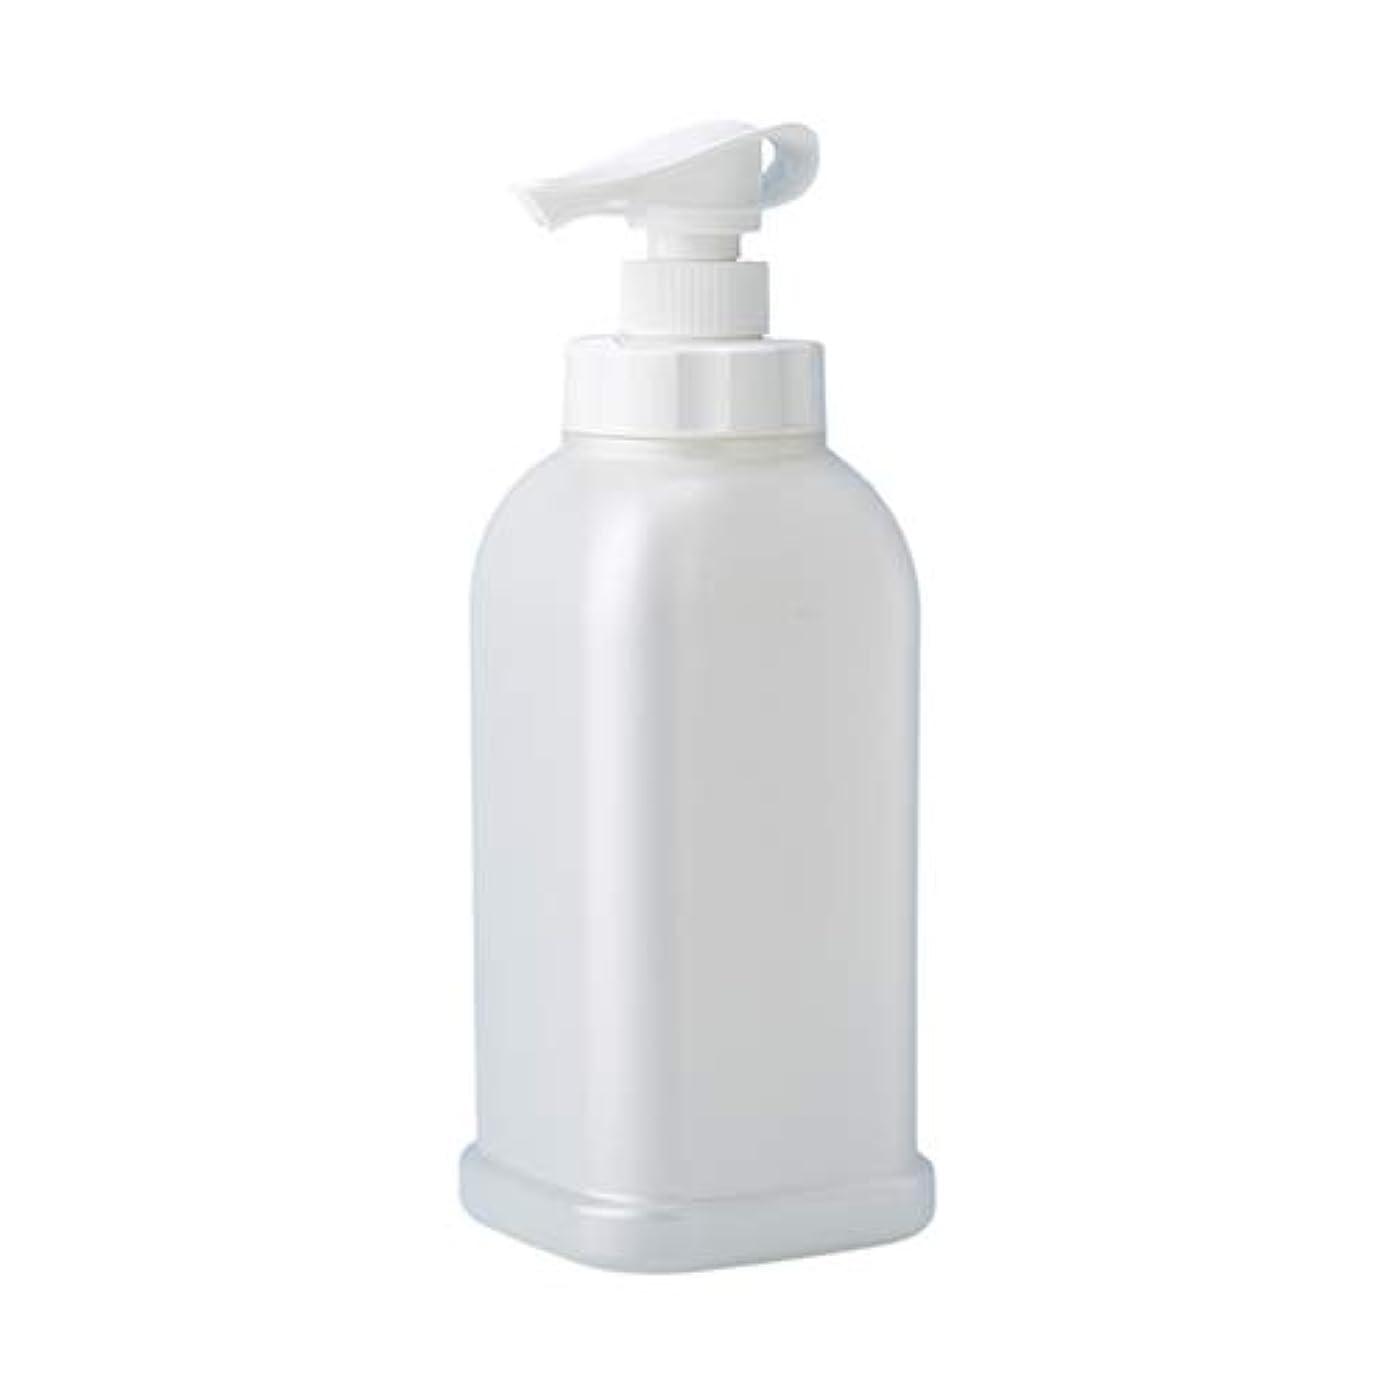 教育する十代ゆり安定感のある ポンプボトル シャンプー コンディショナー リンス ボディソープ ハンドソープ 1.2L詰め替え容器 パールホワイト